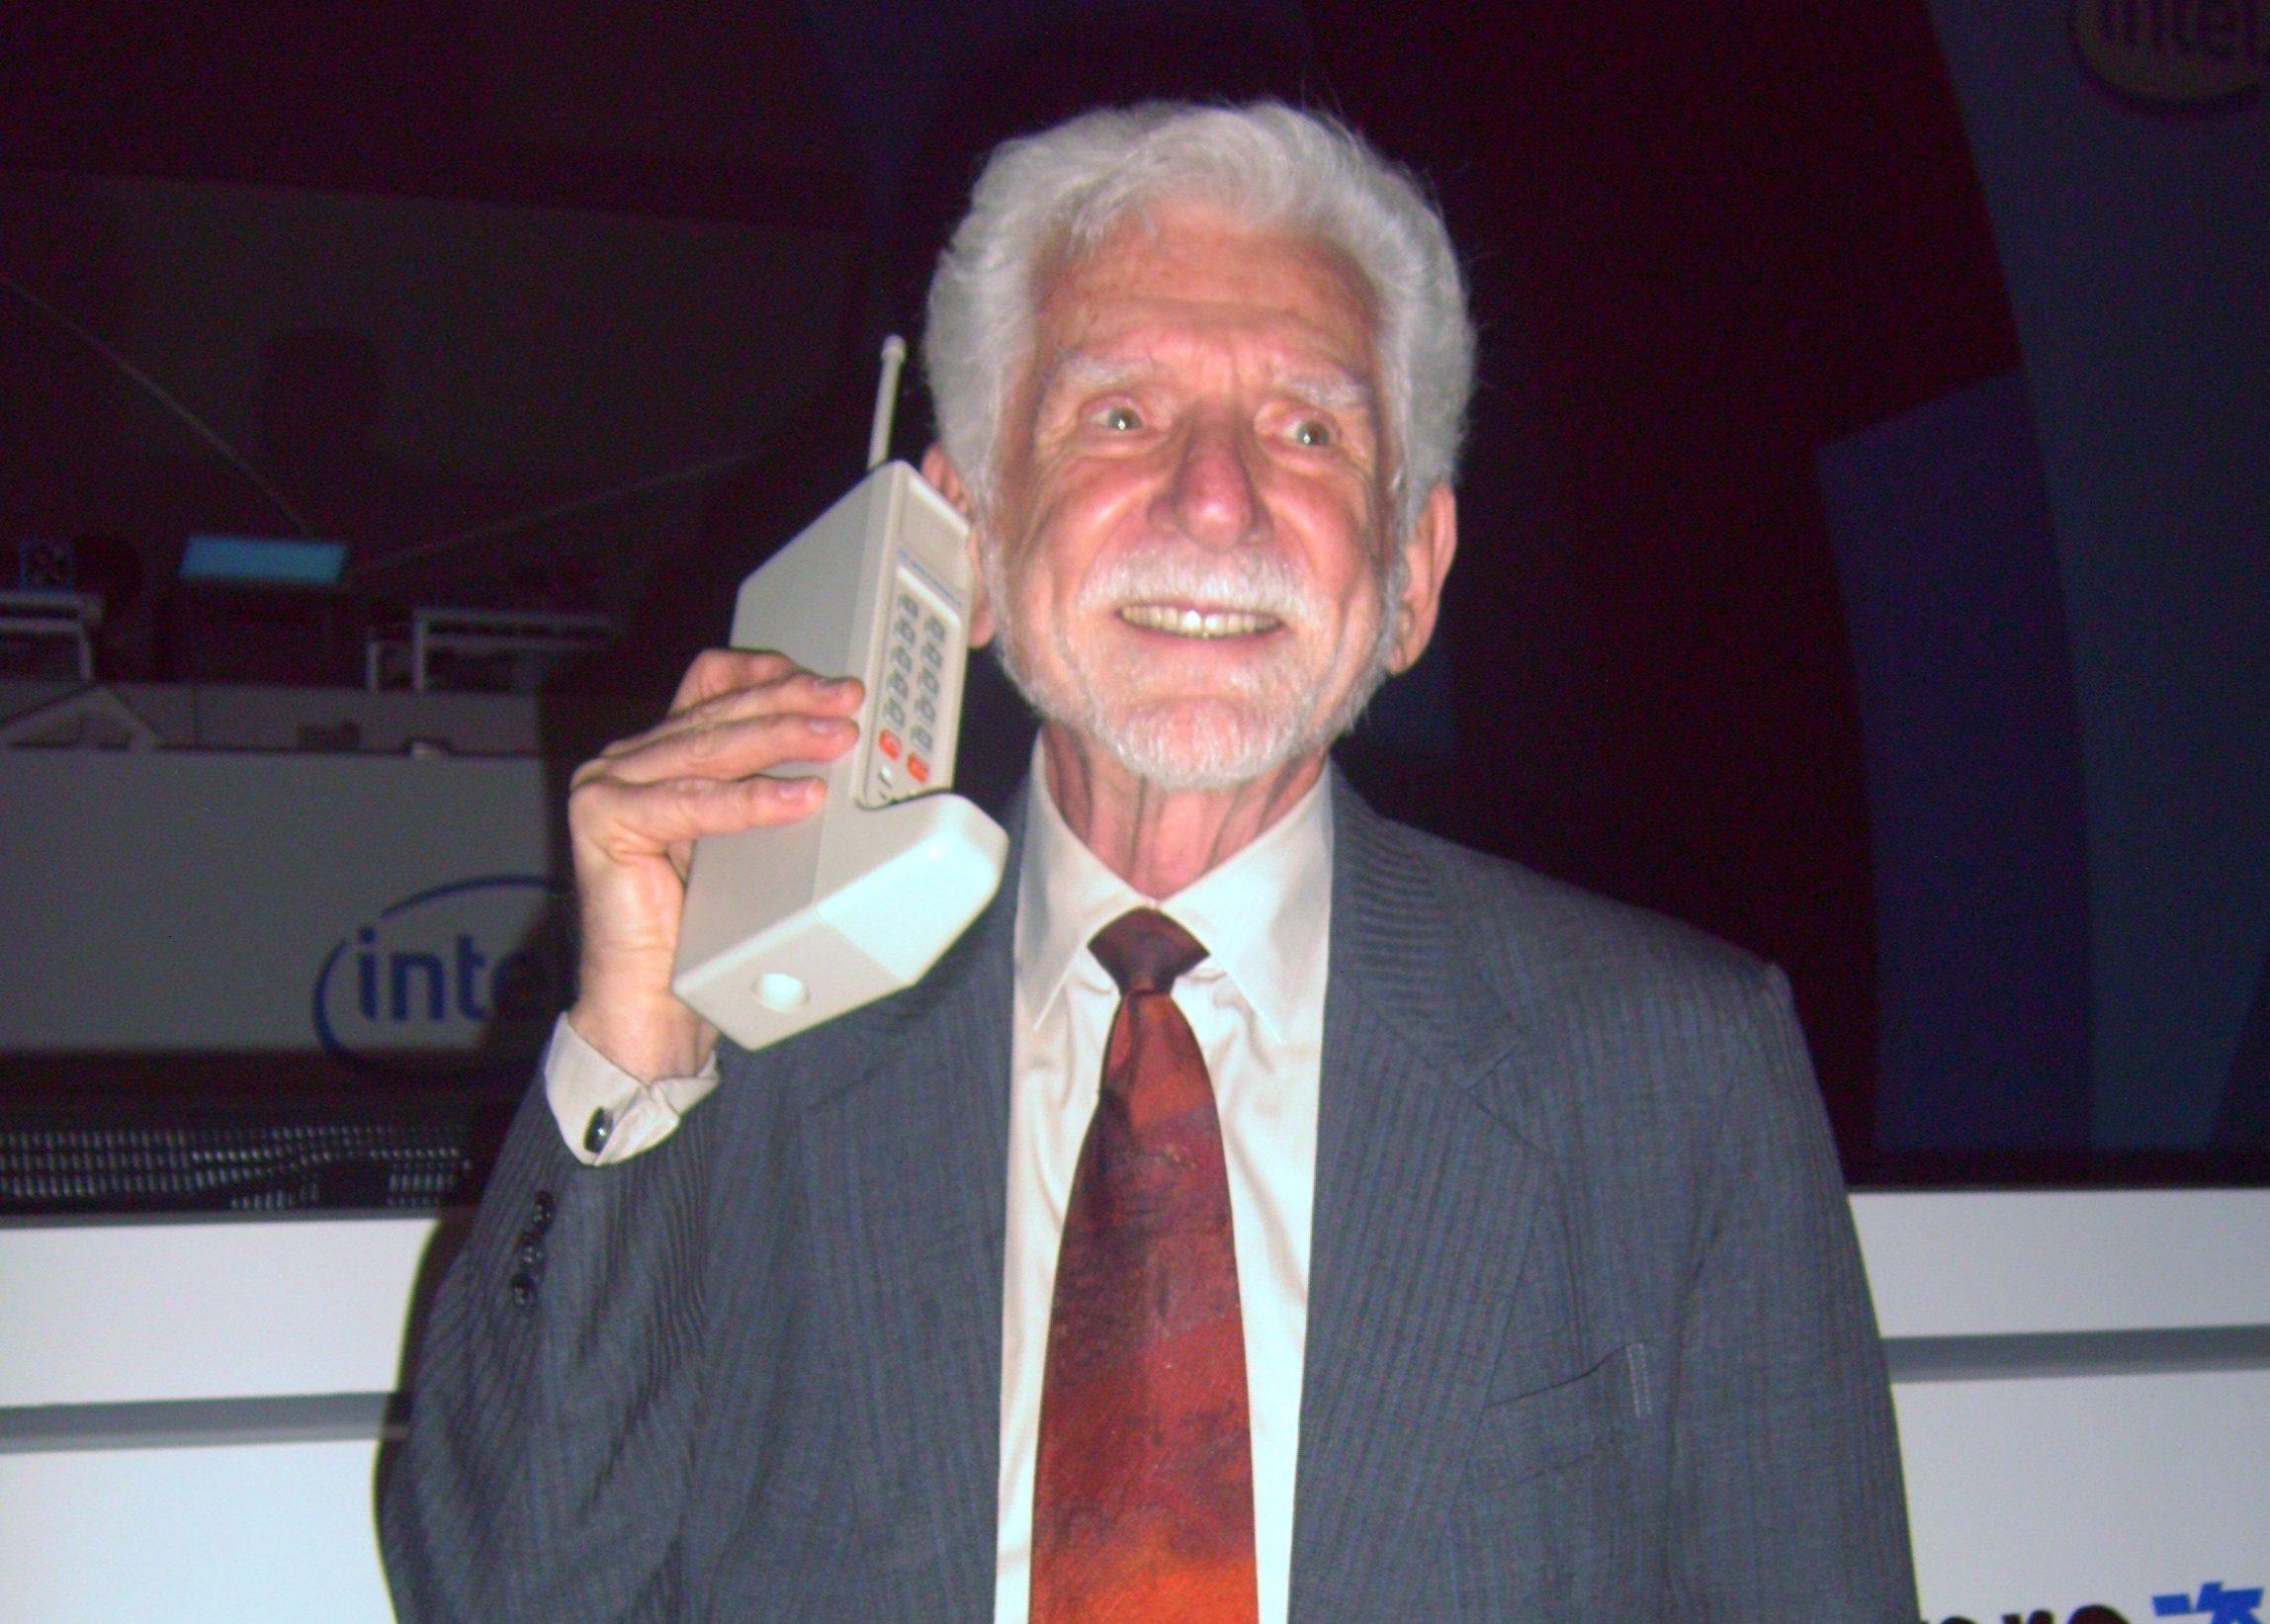 Martin Cooper, inventatorul telefonului mobil, împreună cu modelul Motorola DynaTAC 8000X, primul telefon din lume, a împlinit 35 de ani. Martin Cooper, inventatorul telefonului mobil, împreună cu modelul Motorola DynaTAC 8000X